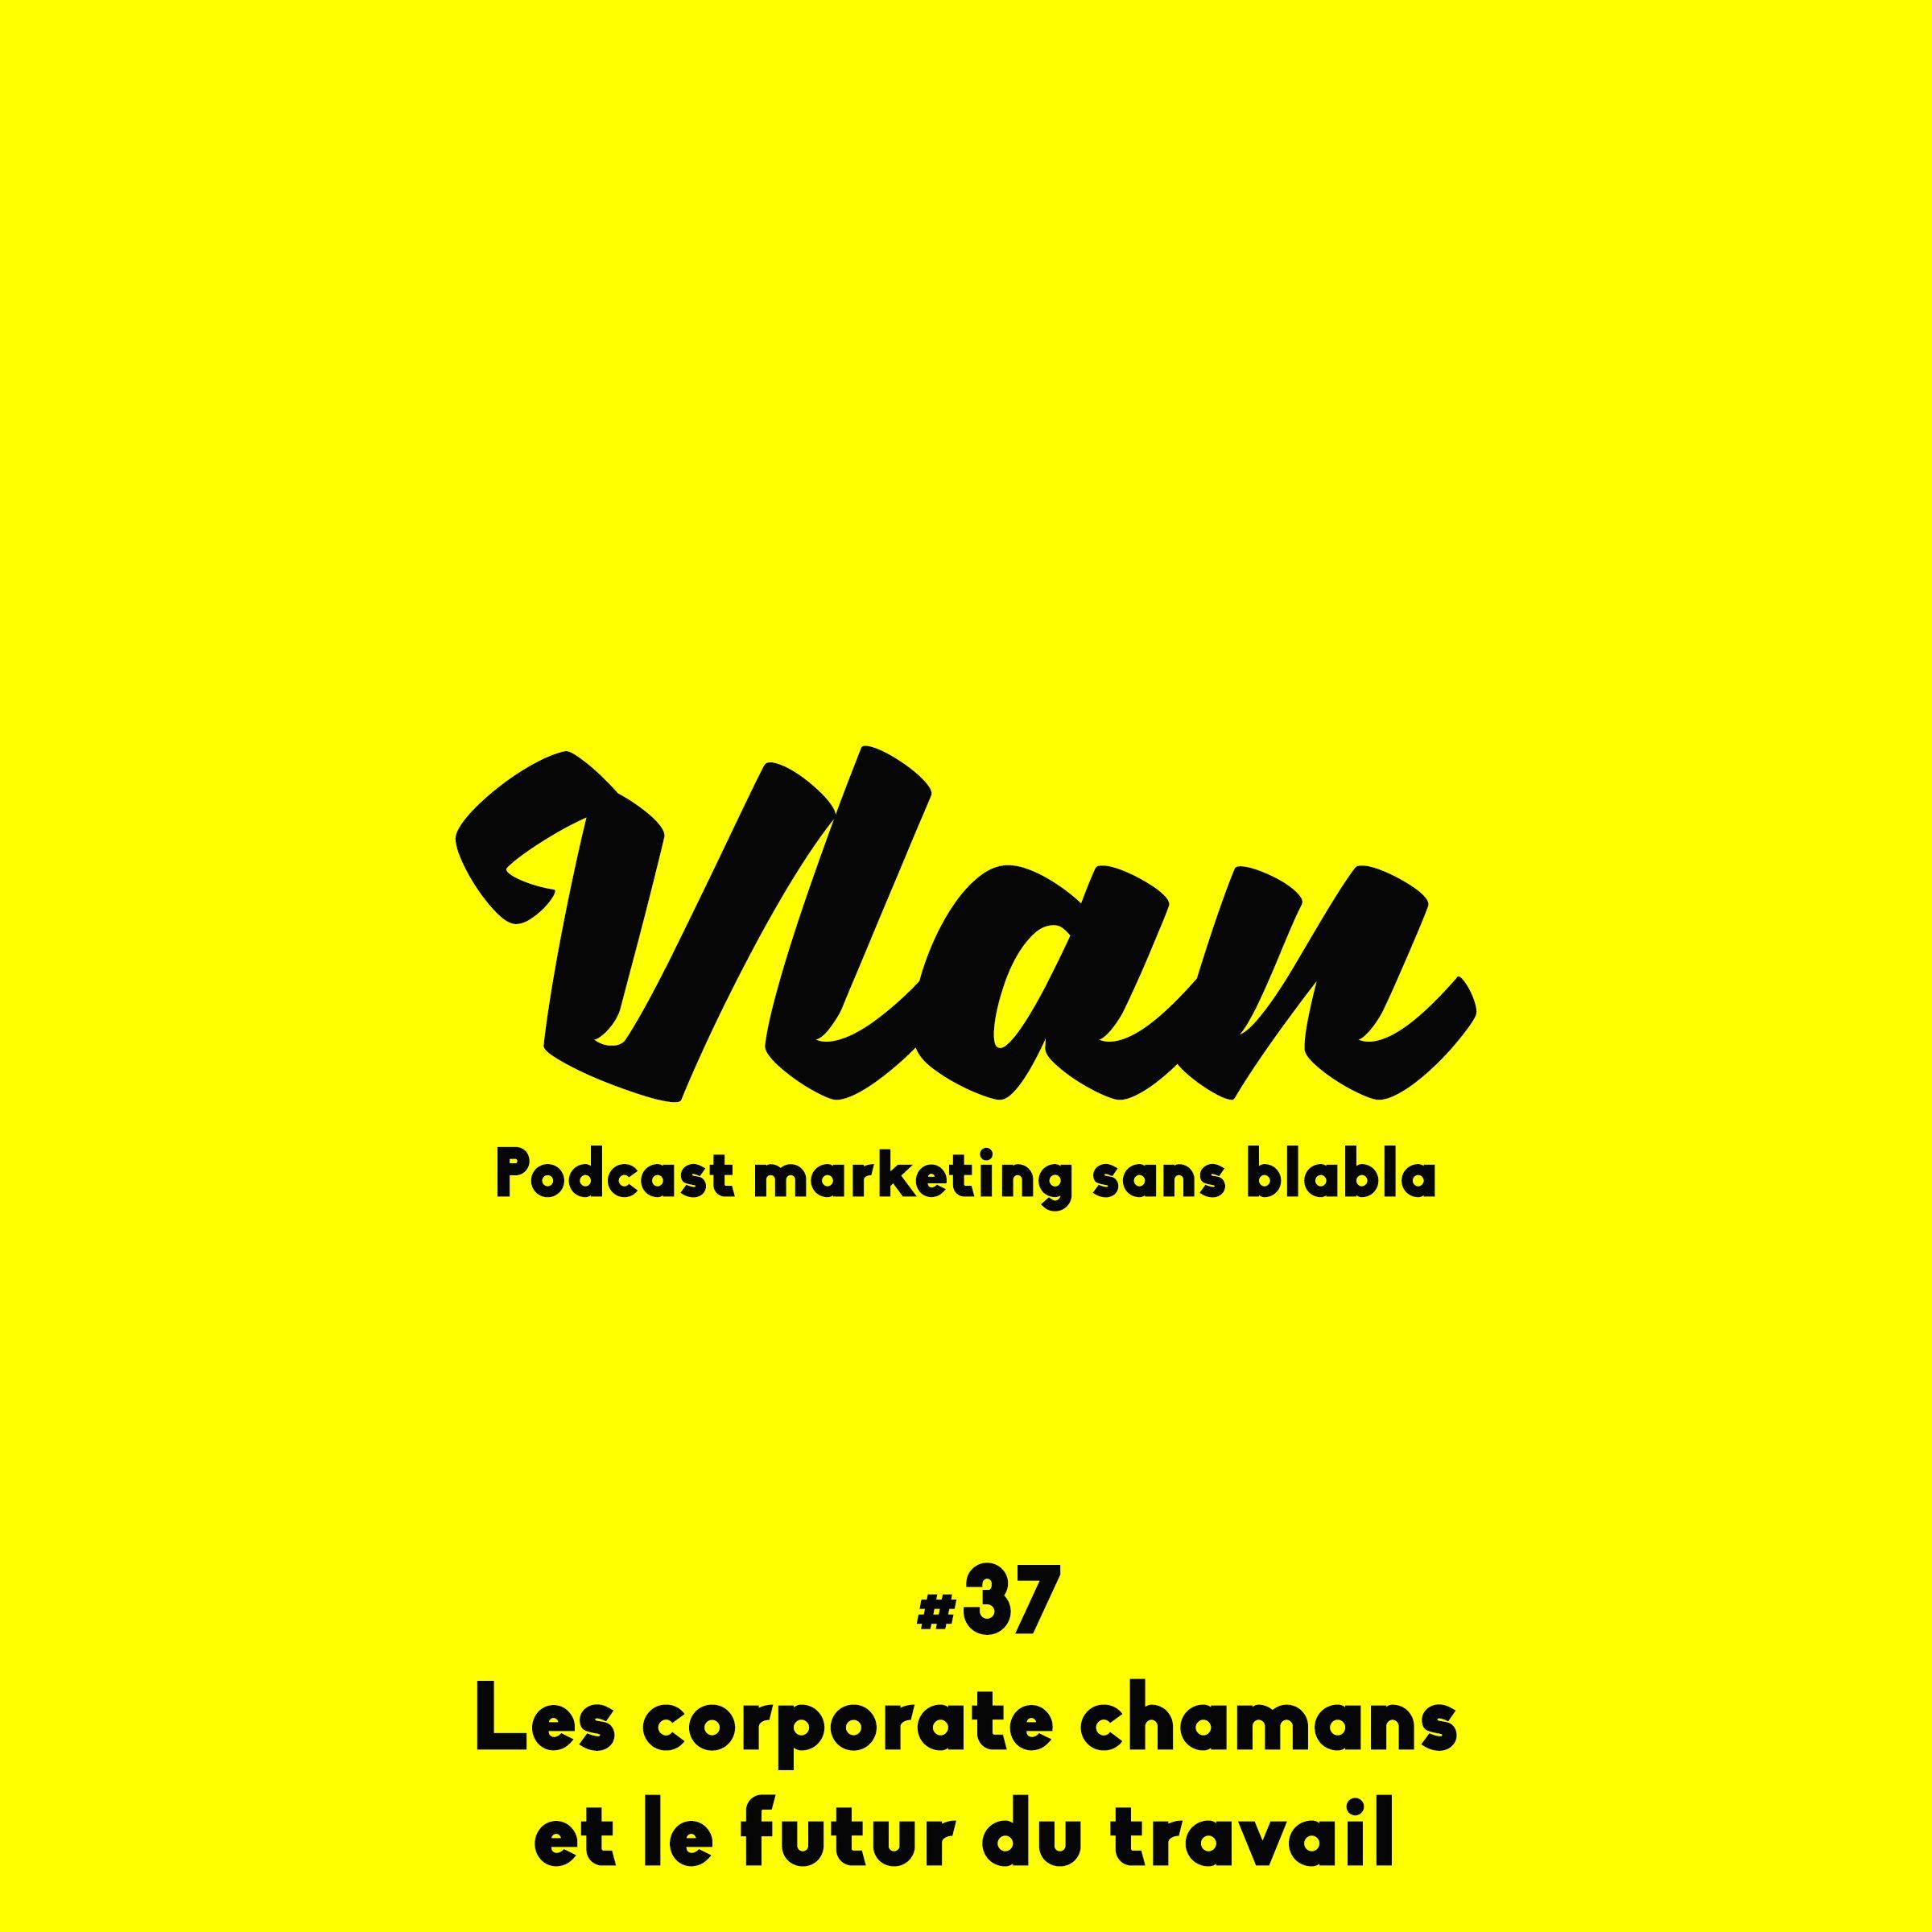 Vlan #37 Les chamans corporate et le futur du travail